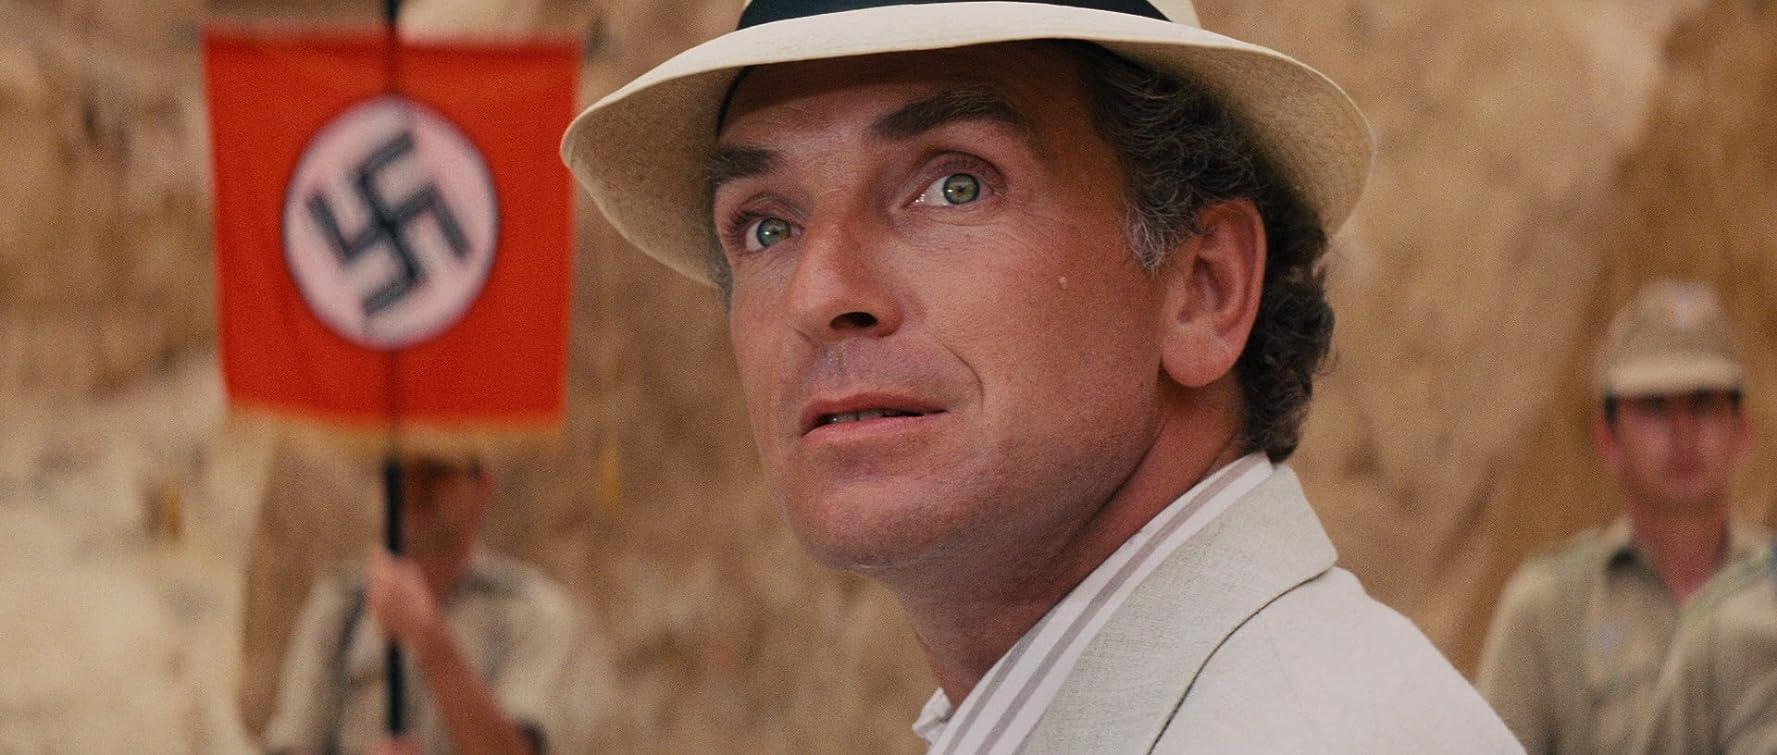 Paul Freeman in Raiders of the Lost Ark (1981)